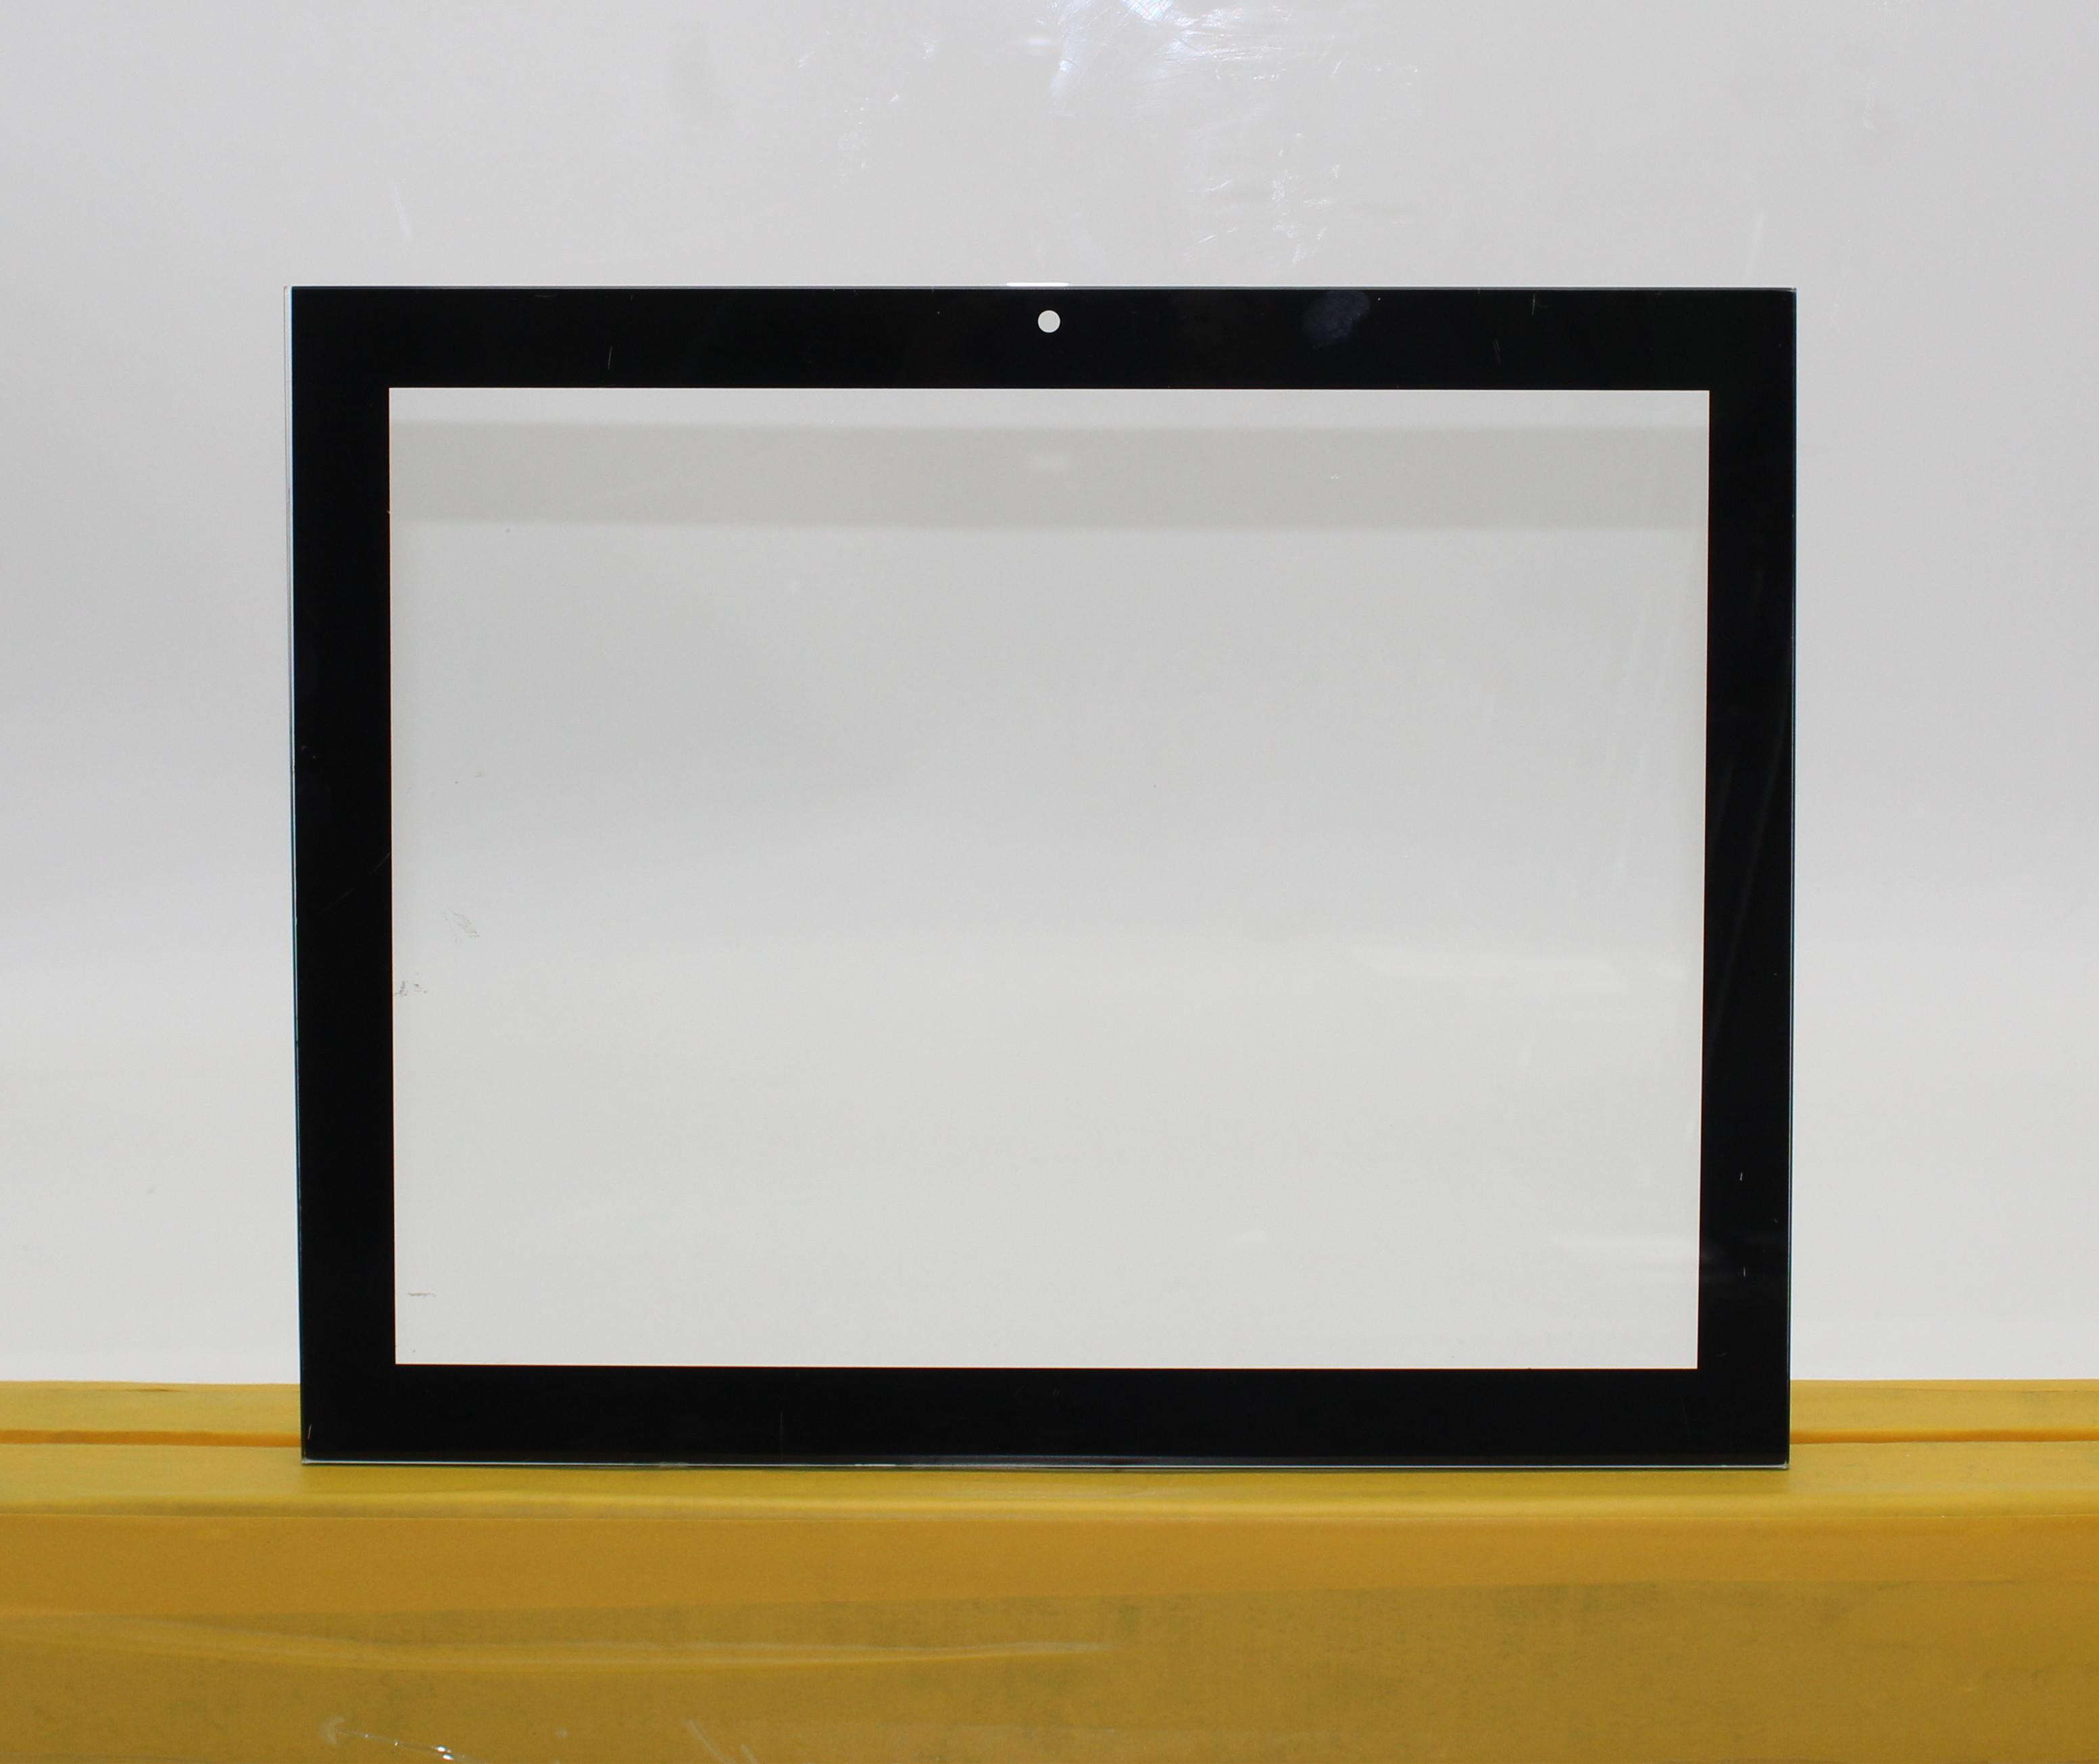 لوح زجاج مُقسّى منحوتة غير منتظمة شفافة مخصصة للزينة